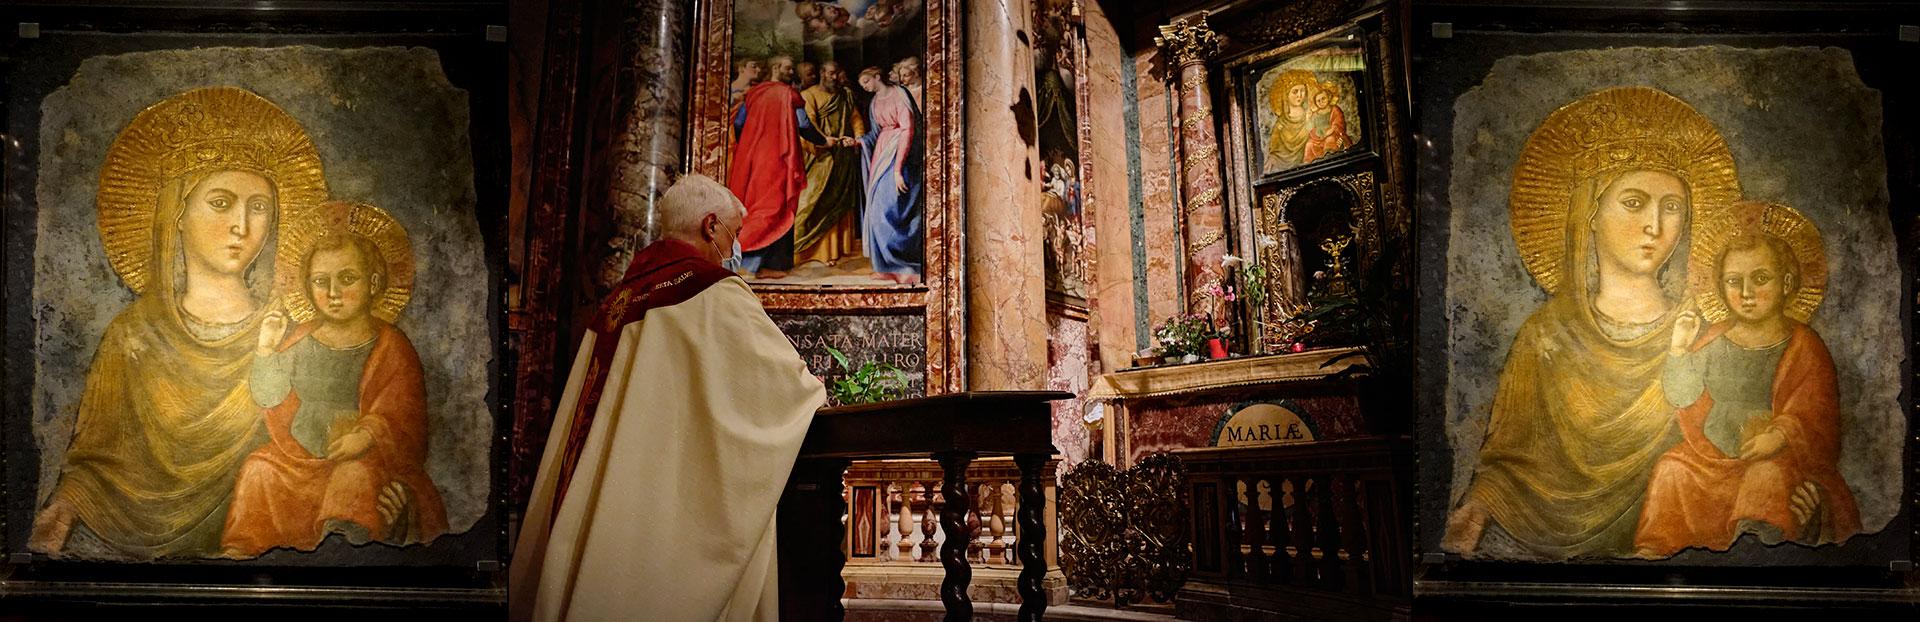 24 maggio: Festa della Madonna della Strada